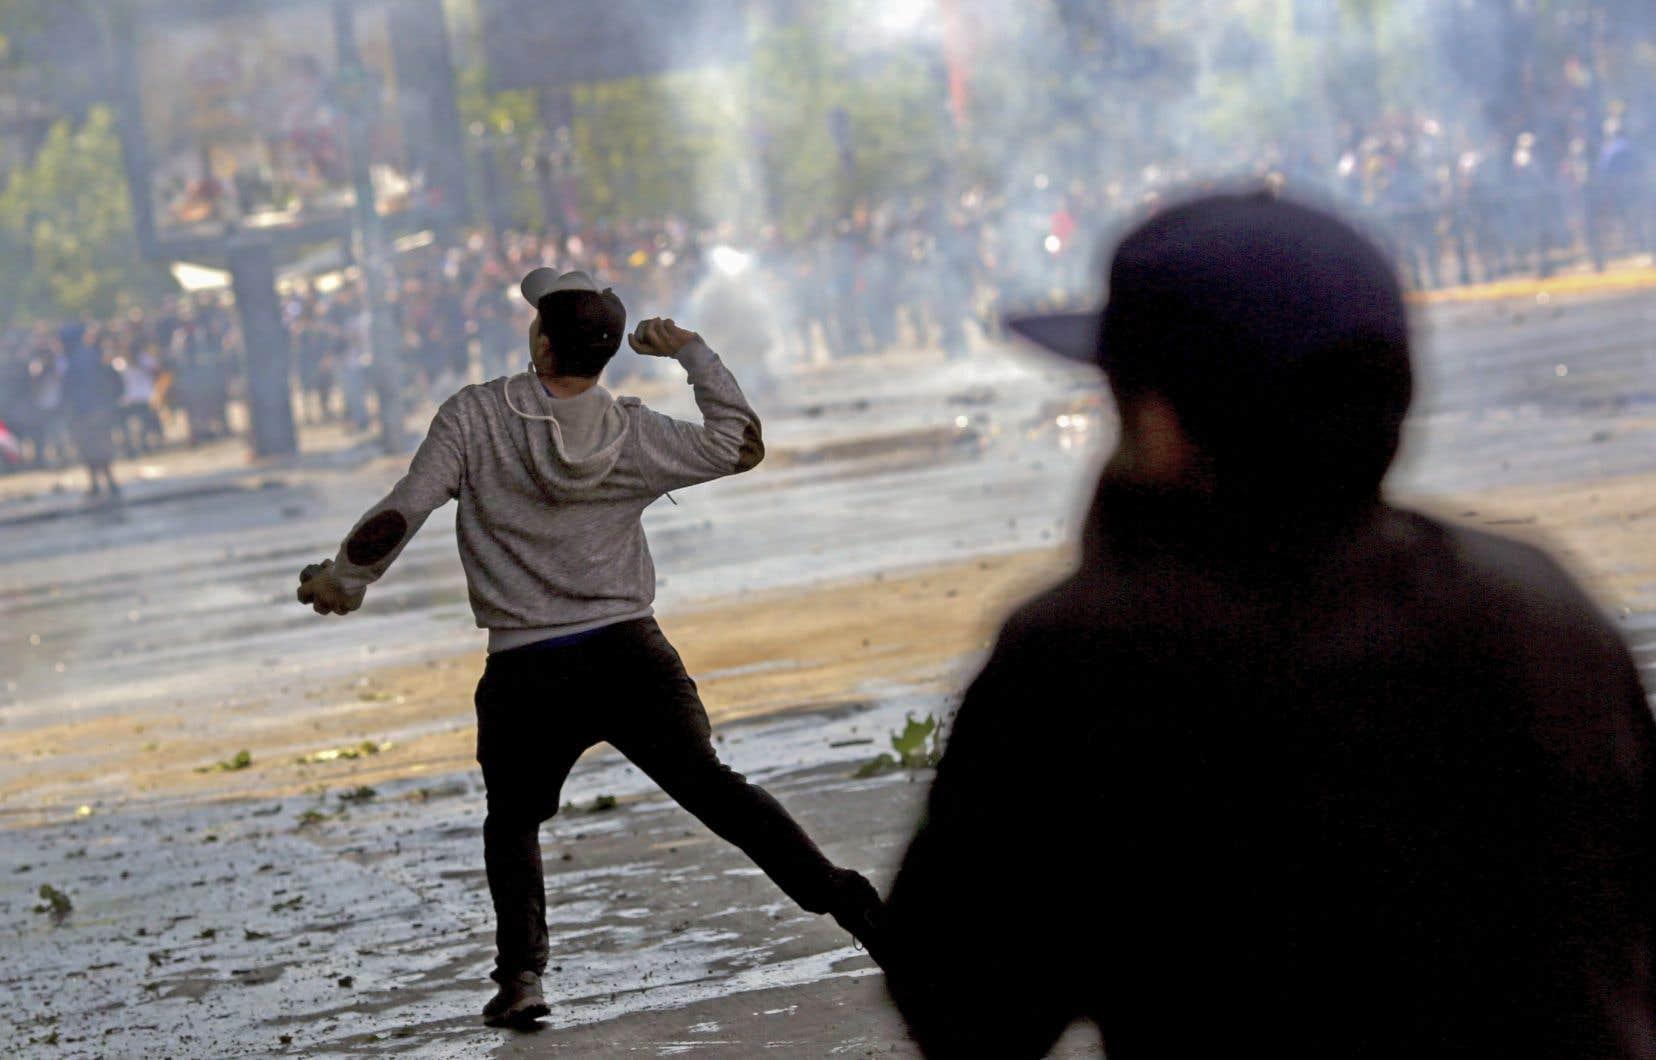 Près de 10000 policiers et militaires ont été déployés au Chili, du jamais vu depuis la fin du régime d'Augusto Pinochet.